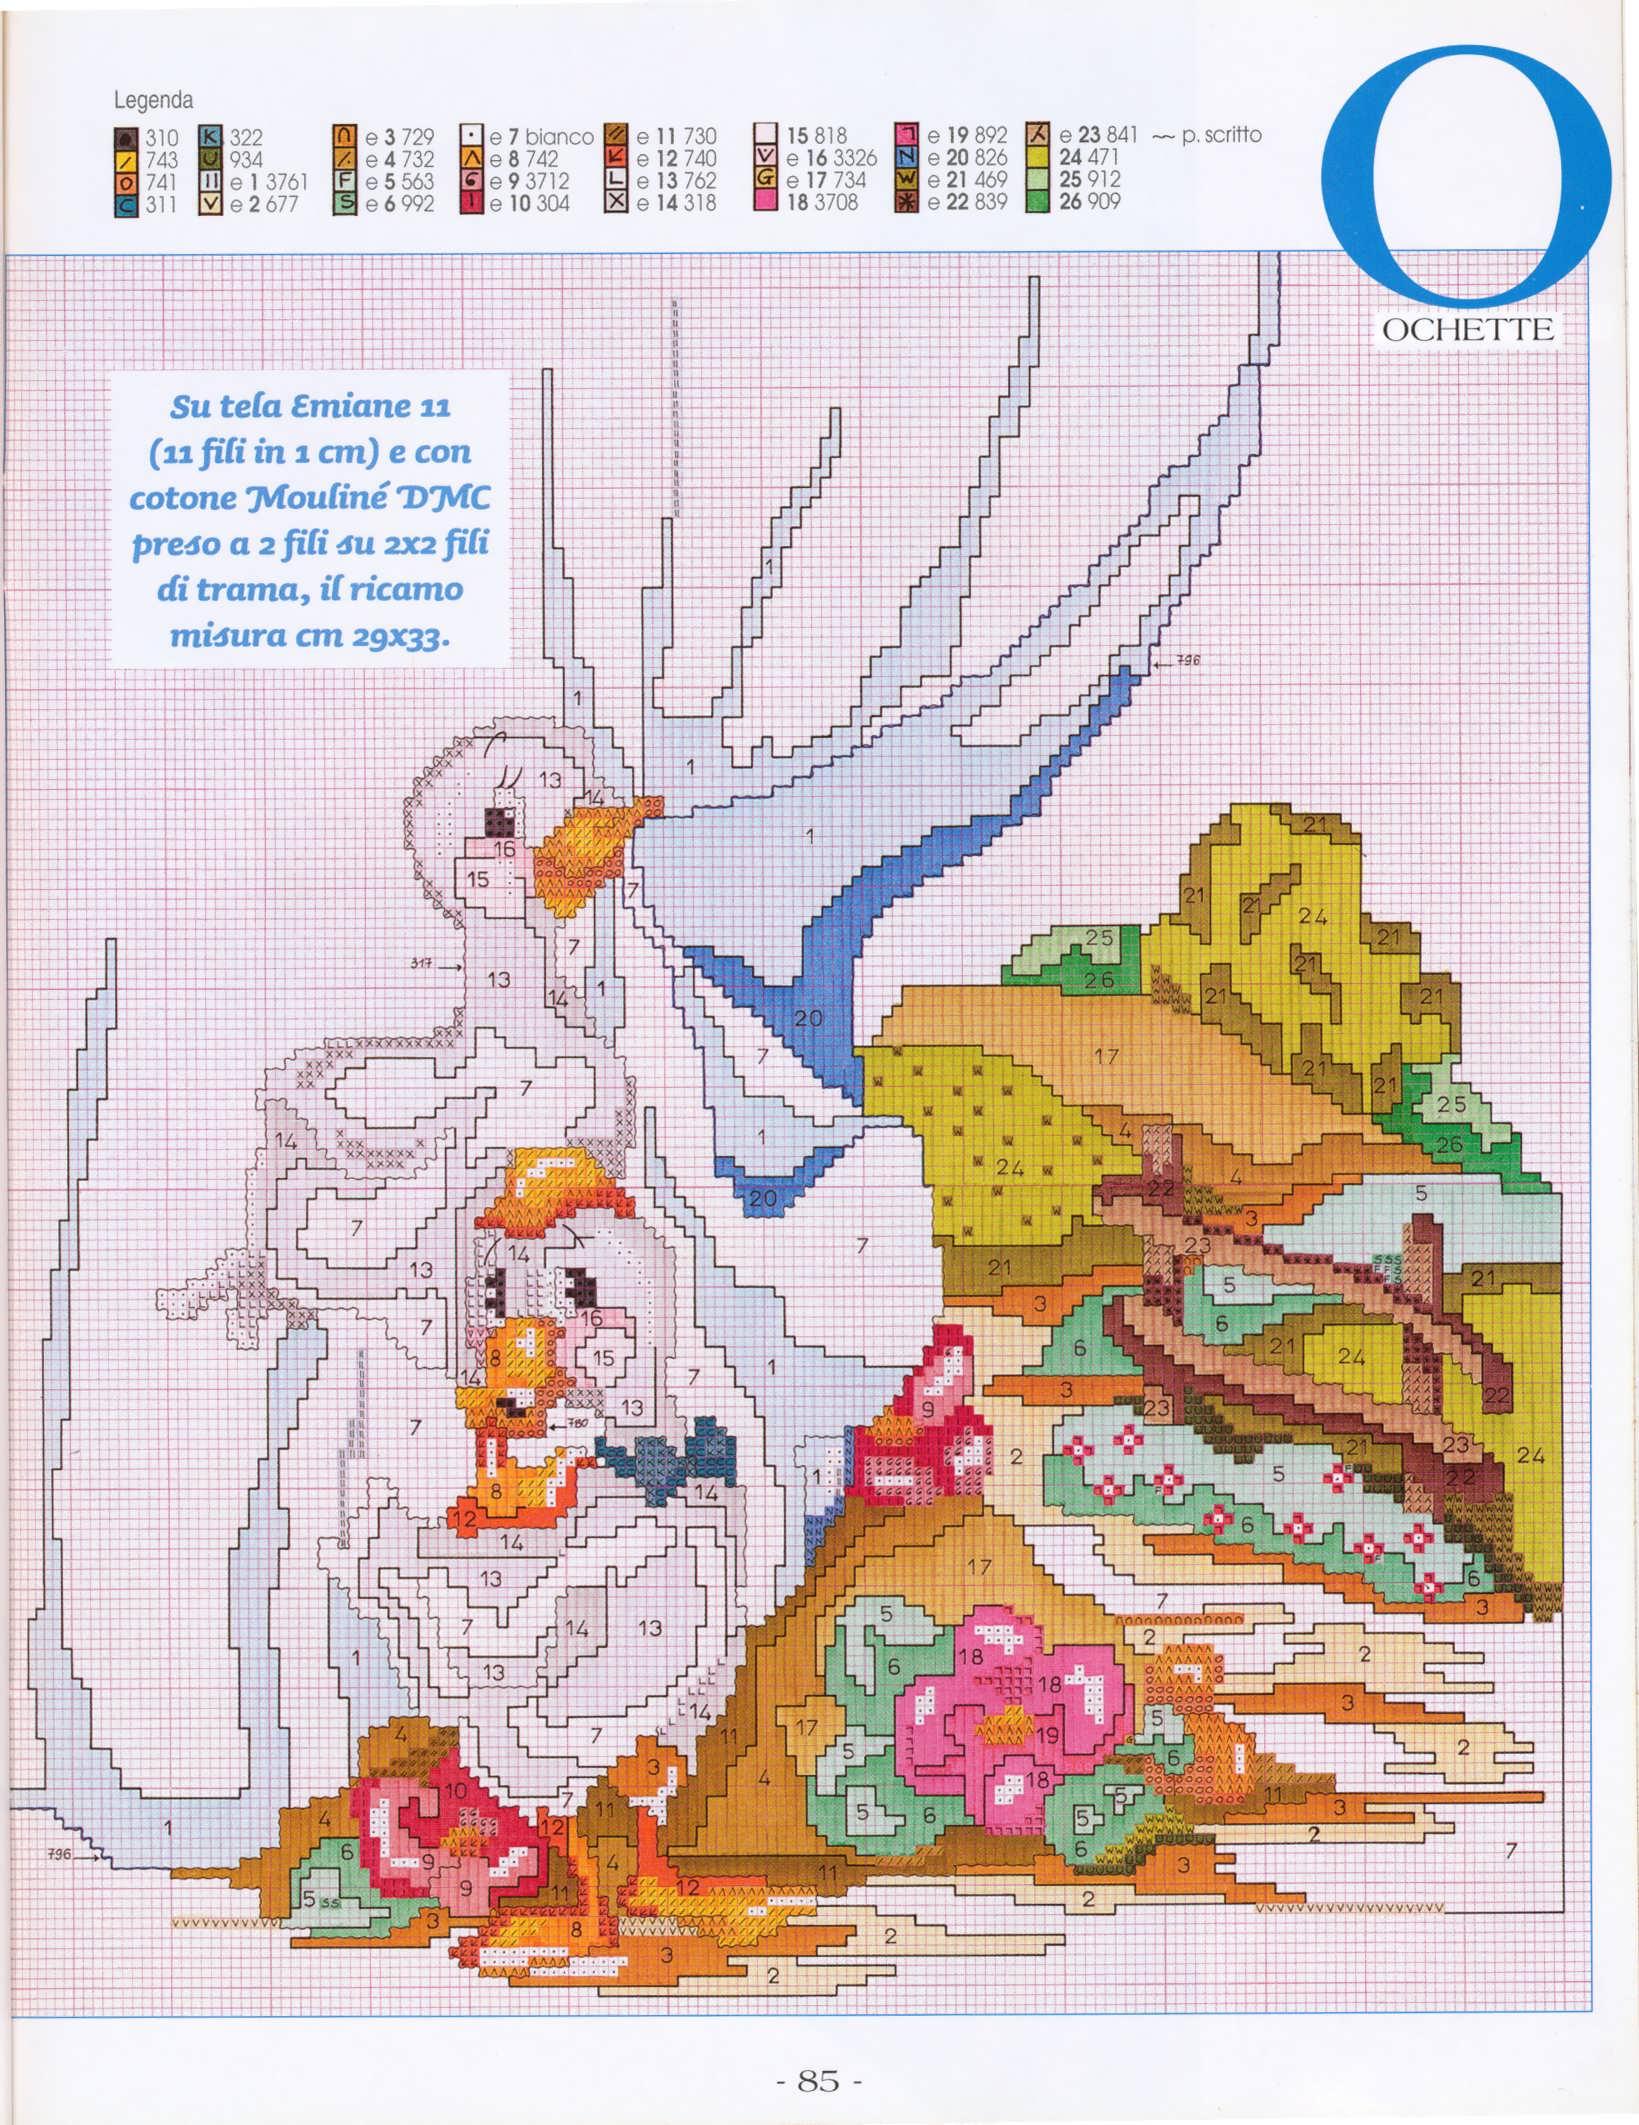 tenda oche paesaggio (2) - magiedifilo.it punto croce uncinetto schemi gratis hobby creativi